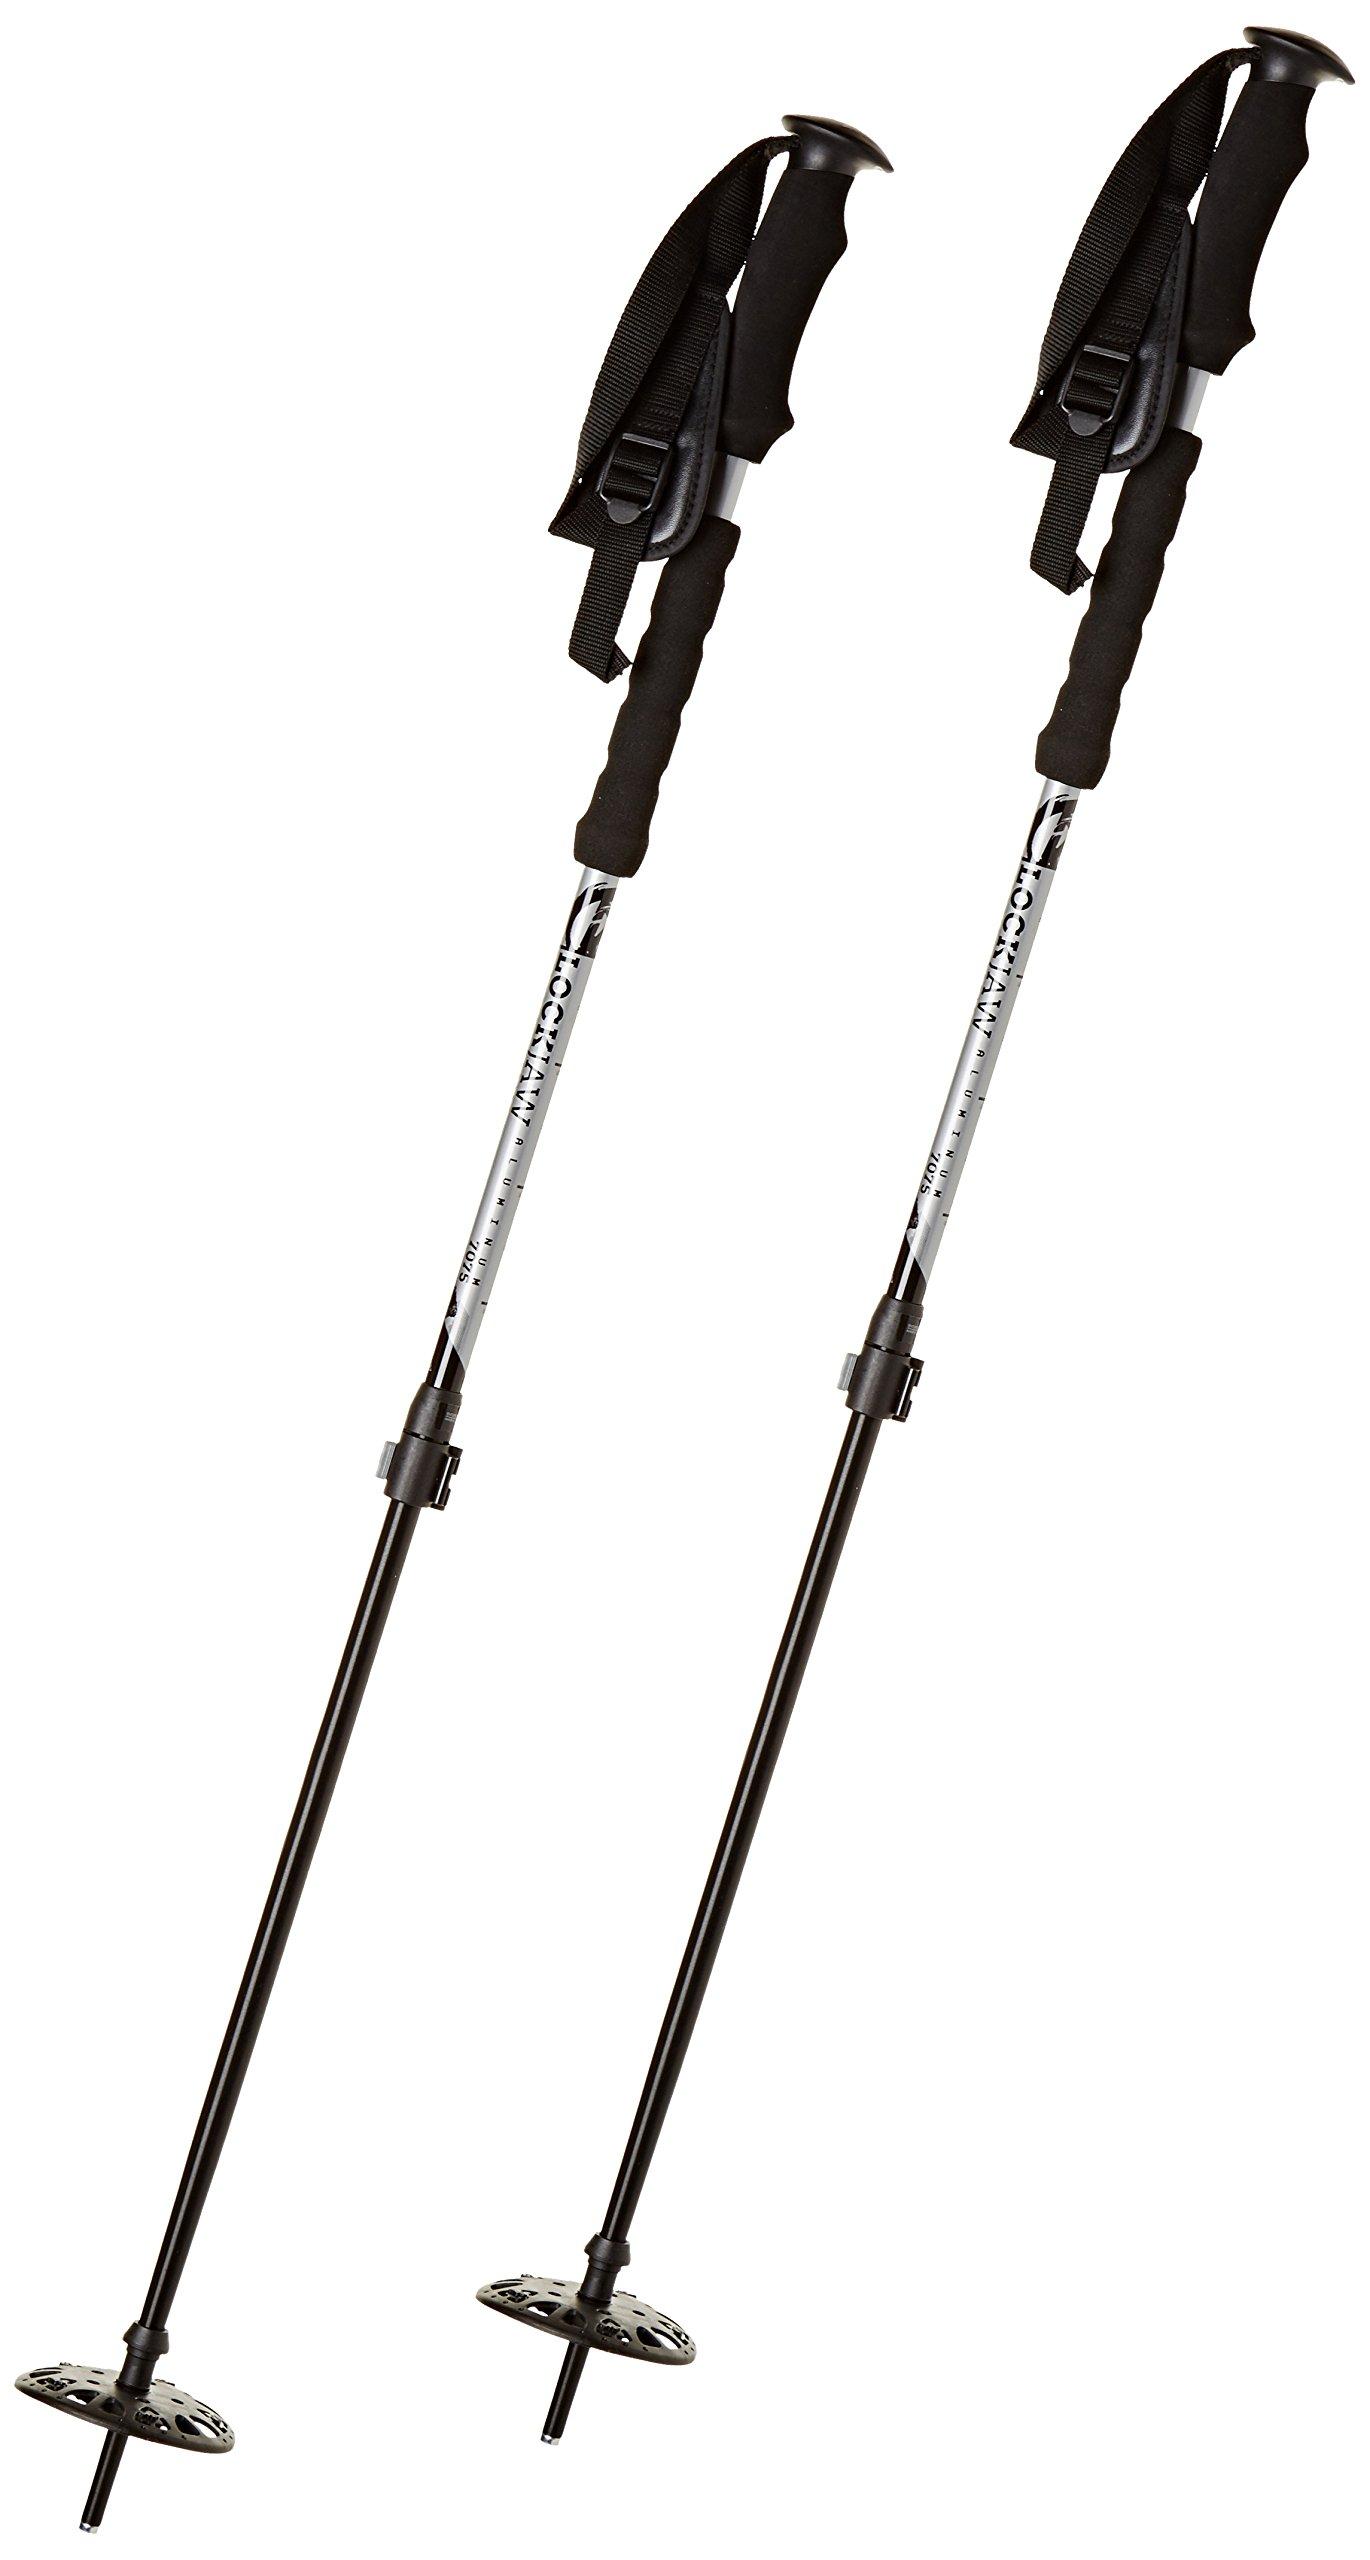 K2 Lock Jaw Alu eva 145 Adj Ski Pole 2016 - Silver 58 by K2